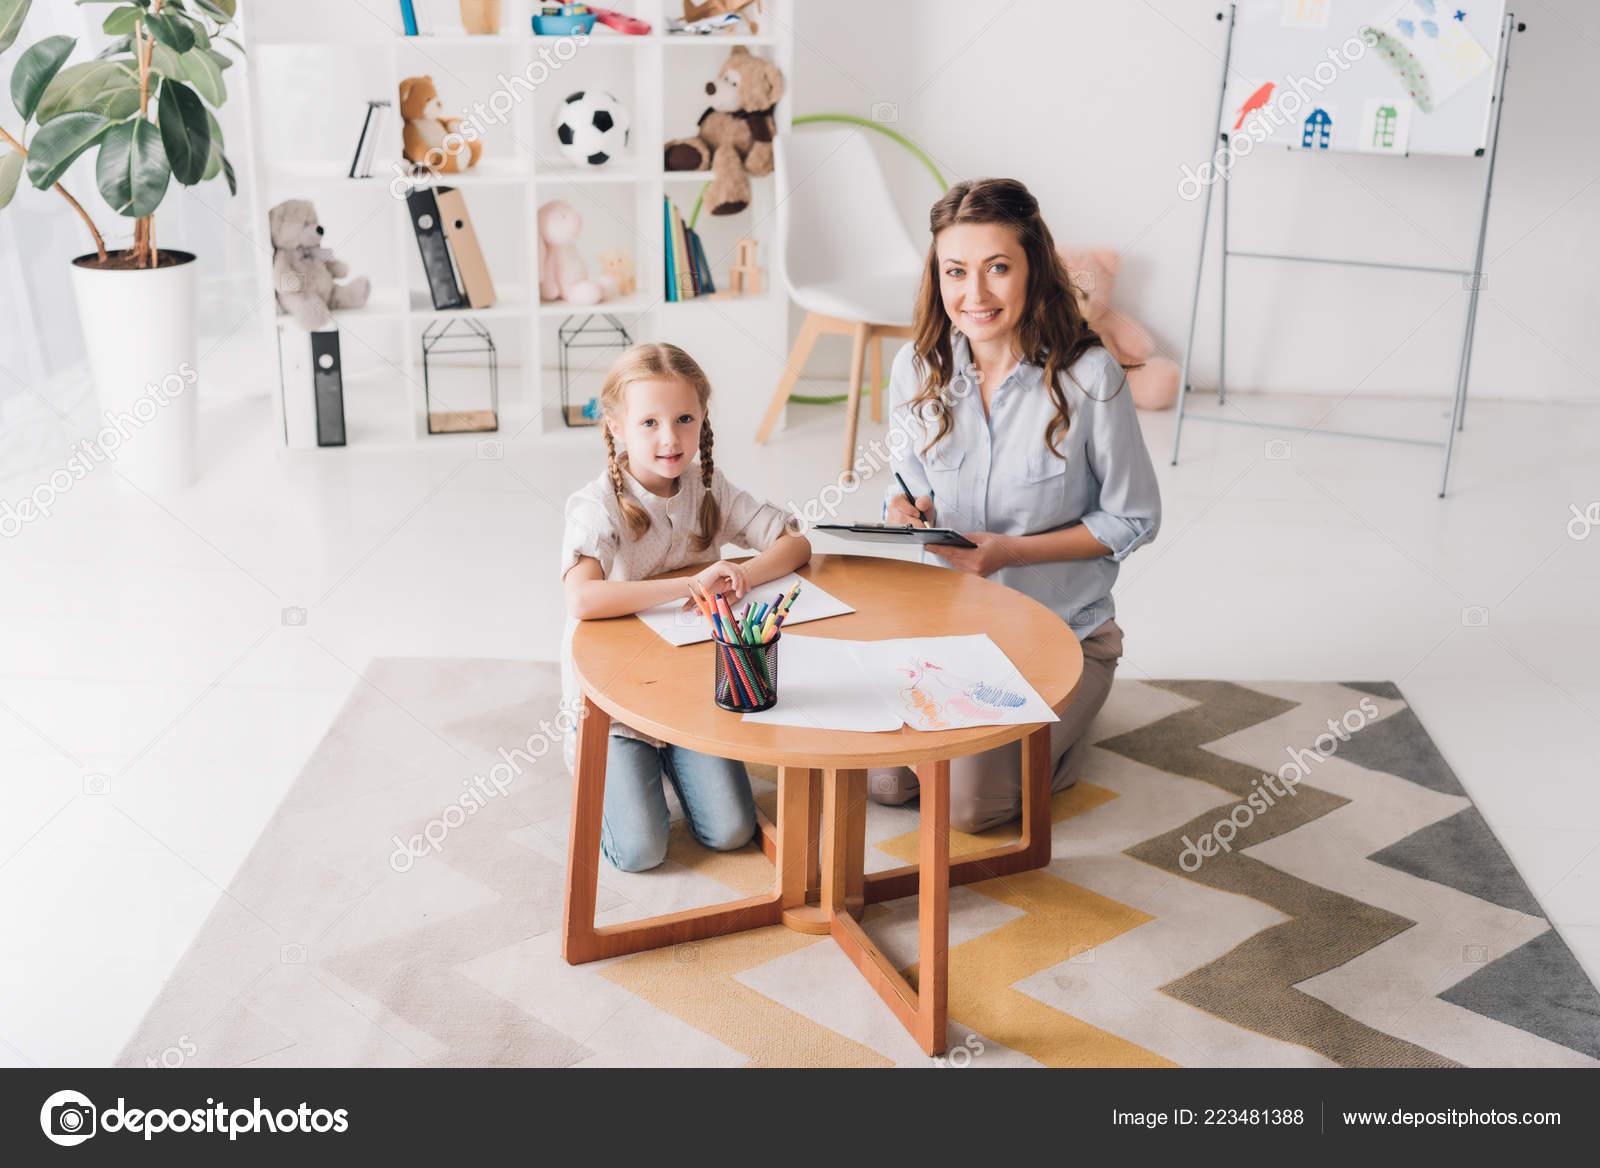 45b2f53d7 Psicólogo feliz con portapapeles sentarse cerca del niño mientras ella  dibujaba con lápices de colores y mirando a cámara — Foto de ...